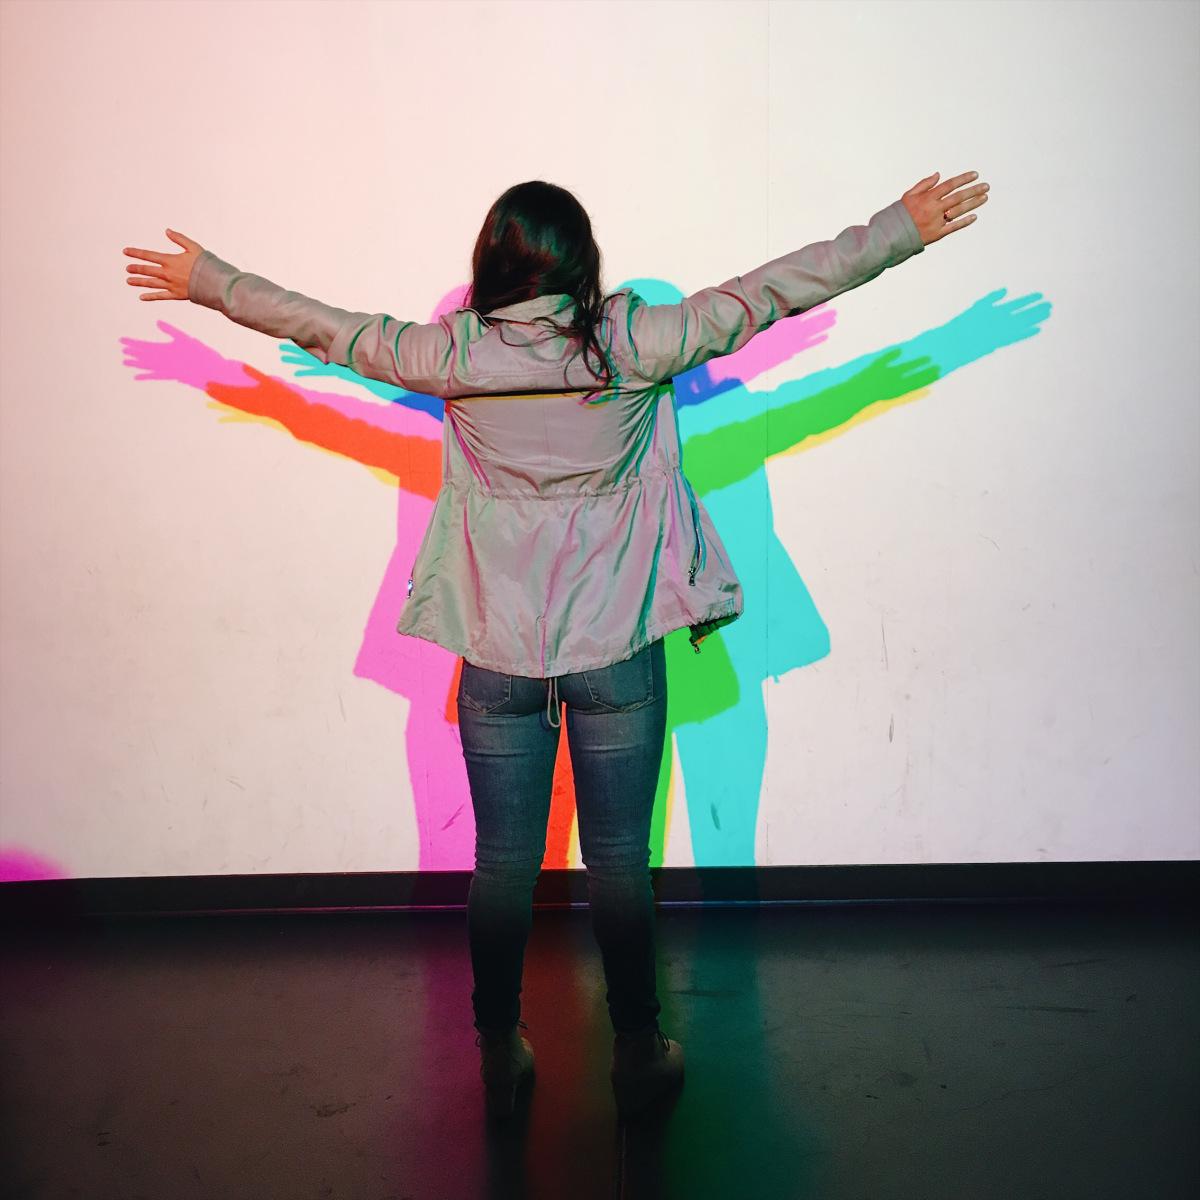 @irmasophia's cover photo for 'The Exploratorium After Dark'